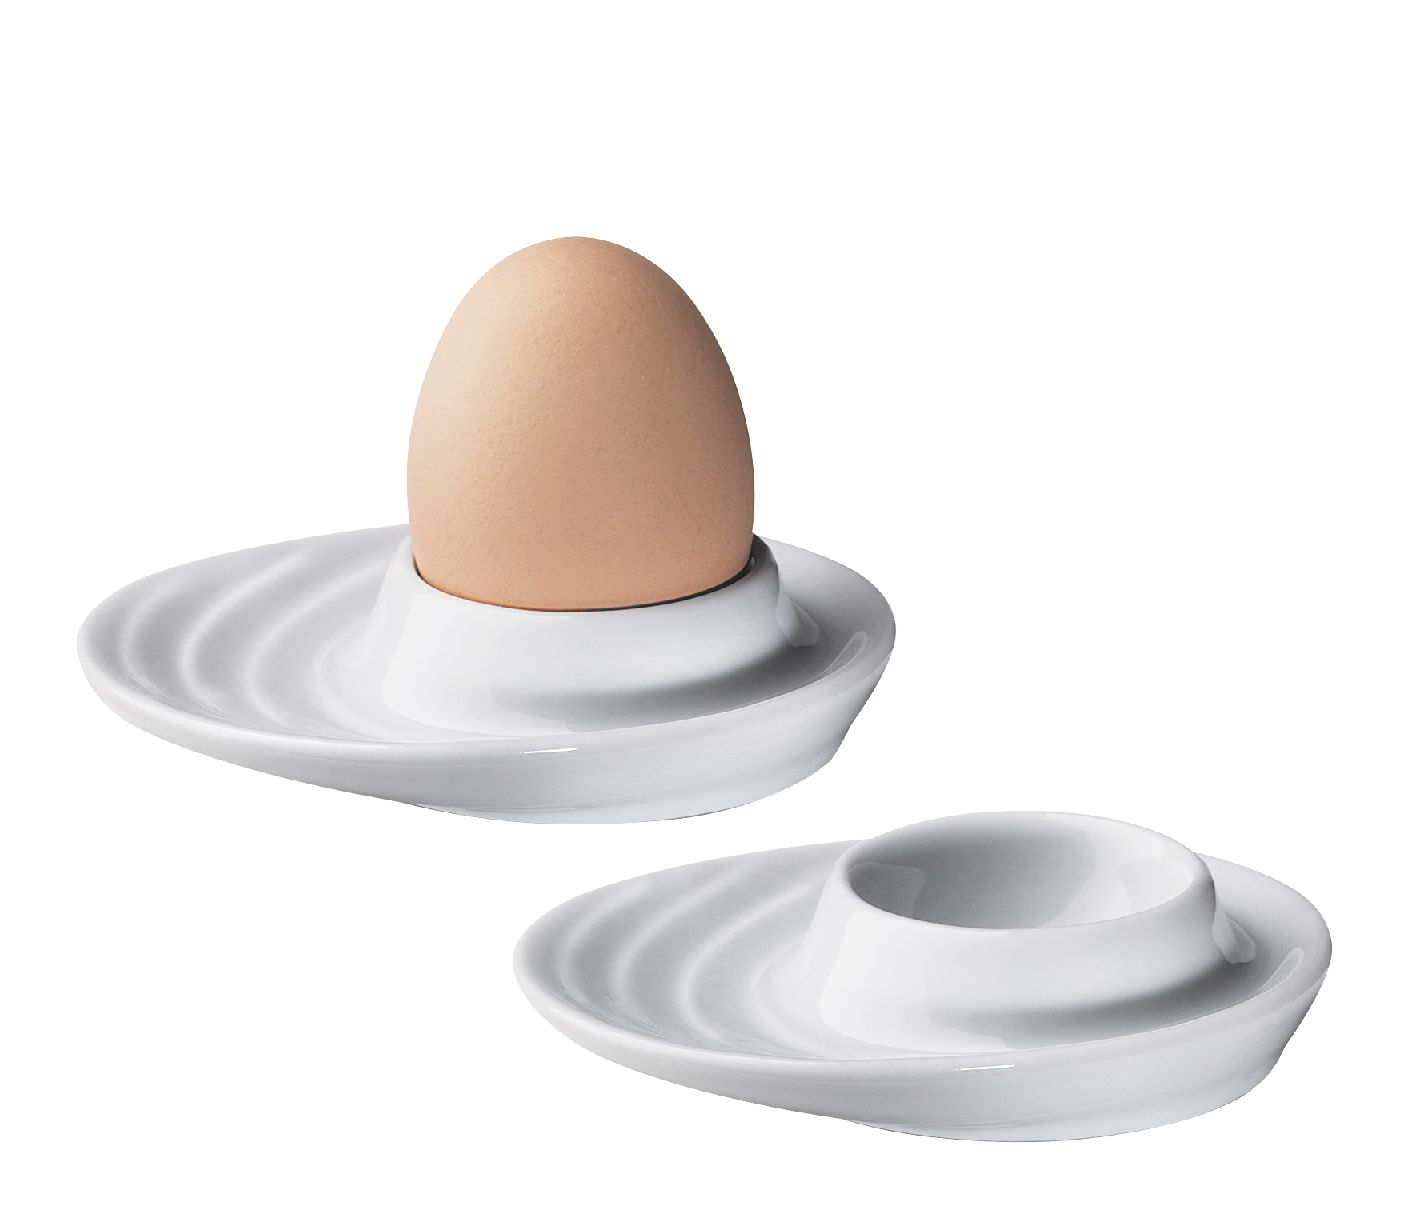 Set 2 kalíšků na vajíčka oválný BURGUND - Küchenprofi